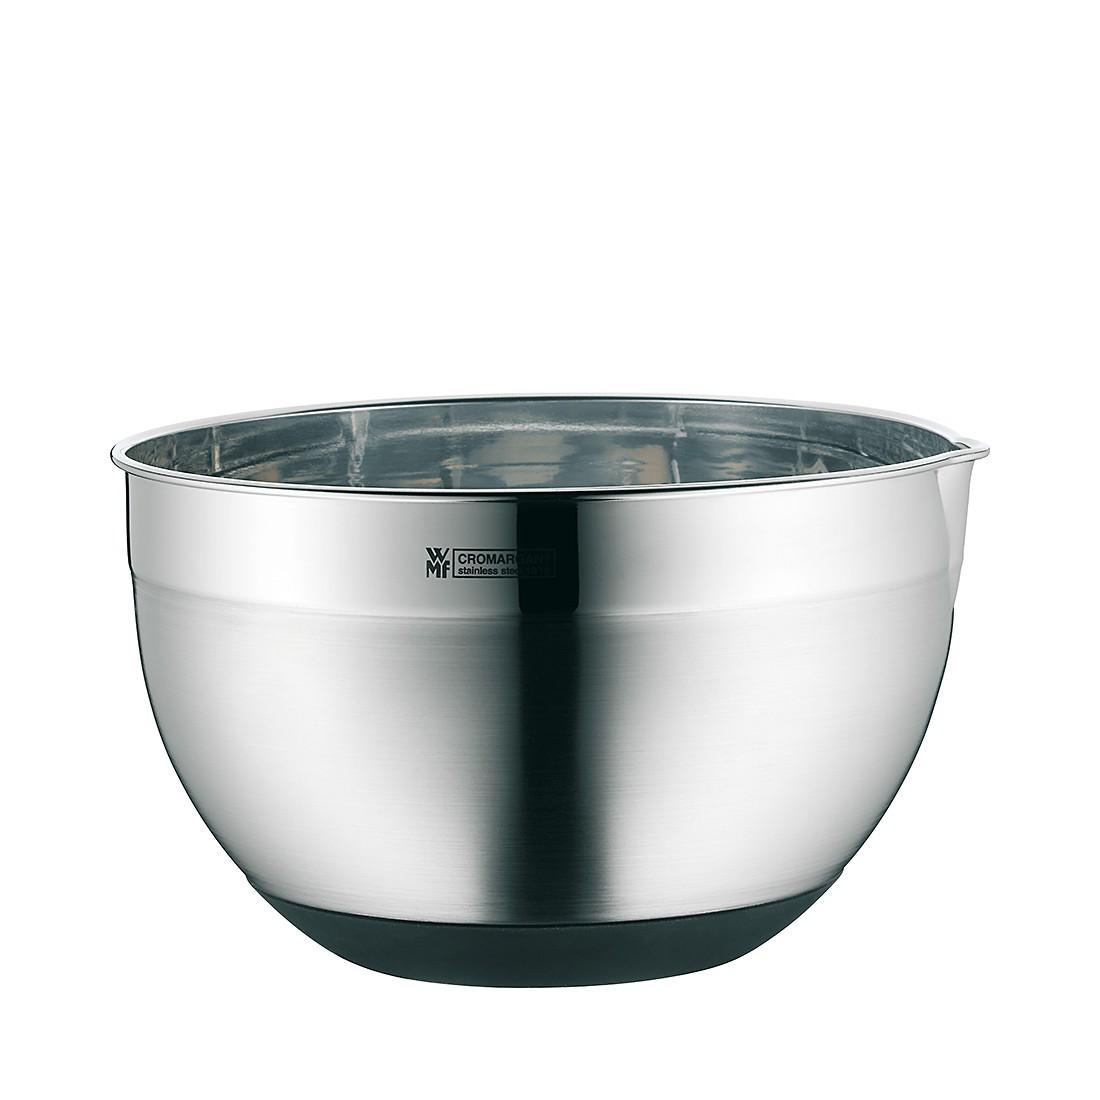 Küchenschüssel Ø 20 cm Gourmet, WMF jetzt bestellen